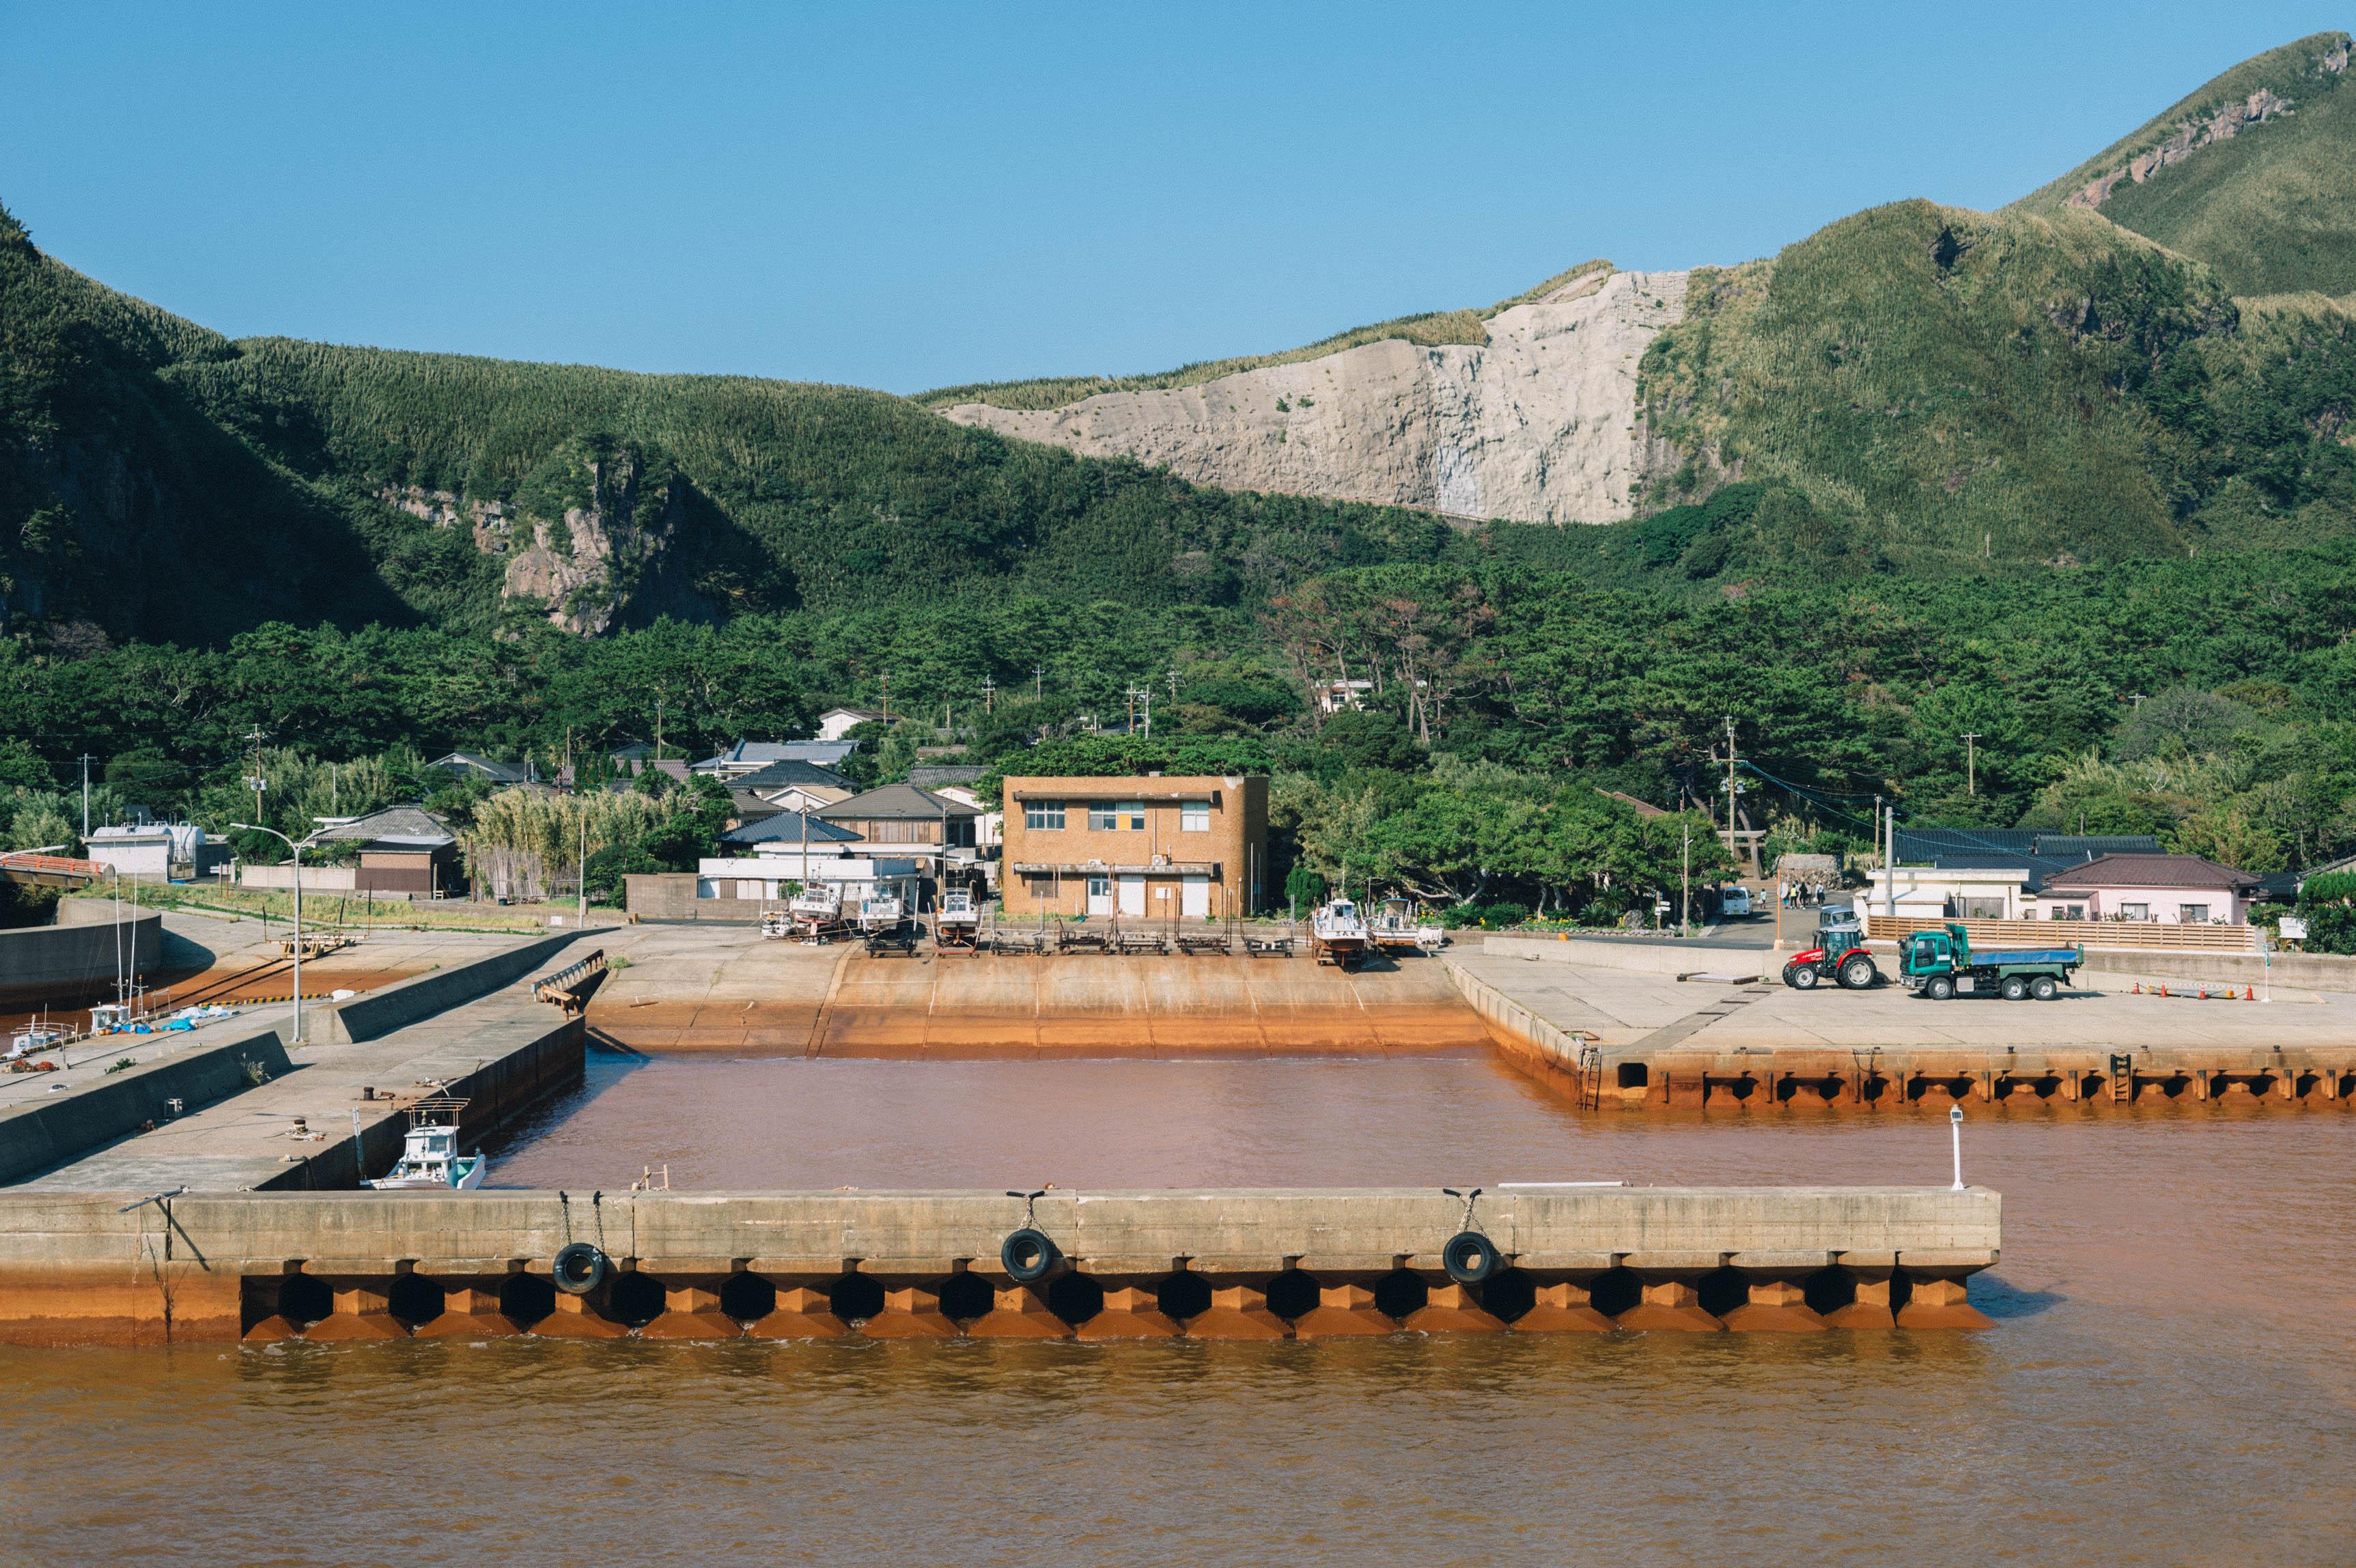 最後の旅の始まり。三島村は驚きの自然と温かな暮らし残る世界最小のジオパーク。ー鹿児島県三島村ー【市町村一周の旅】